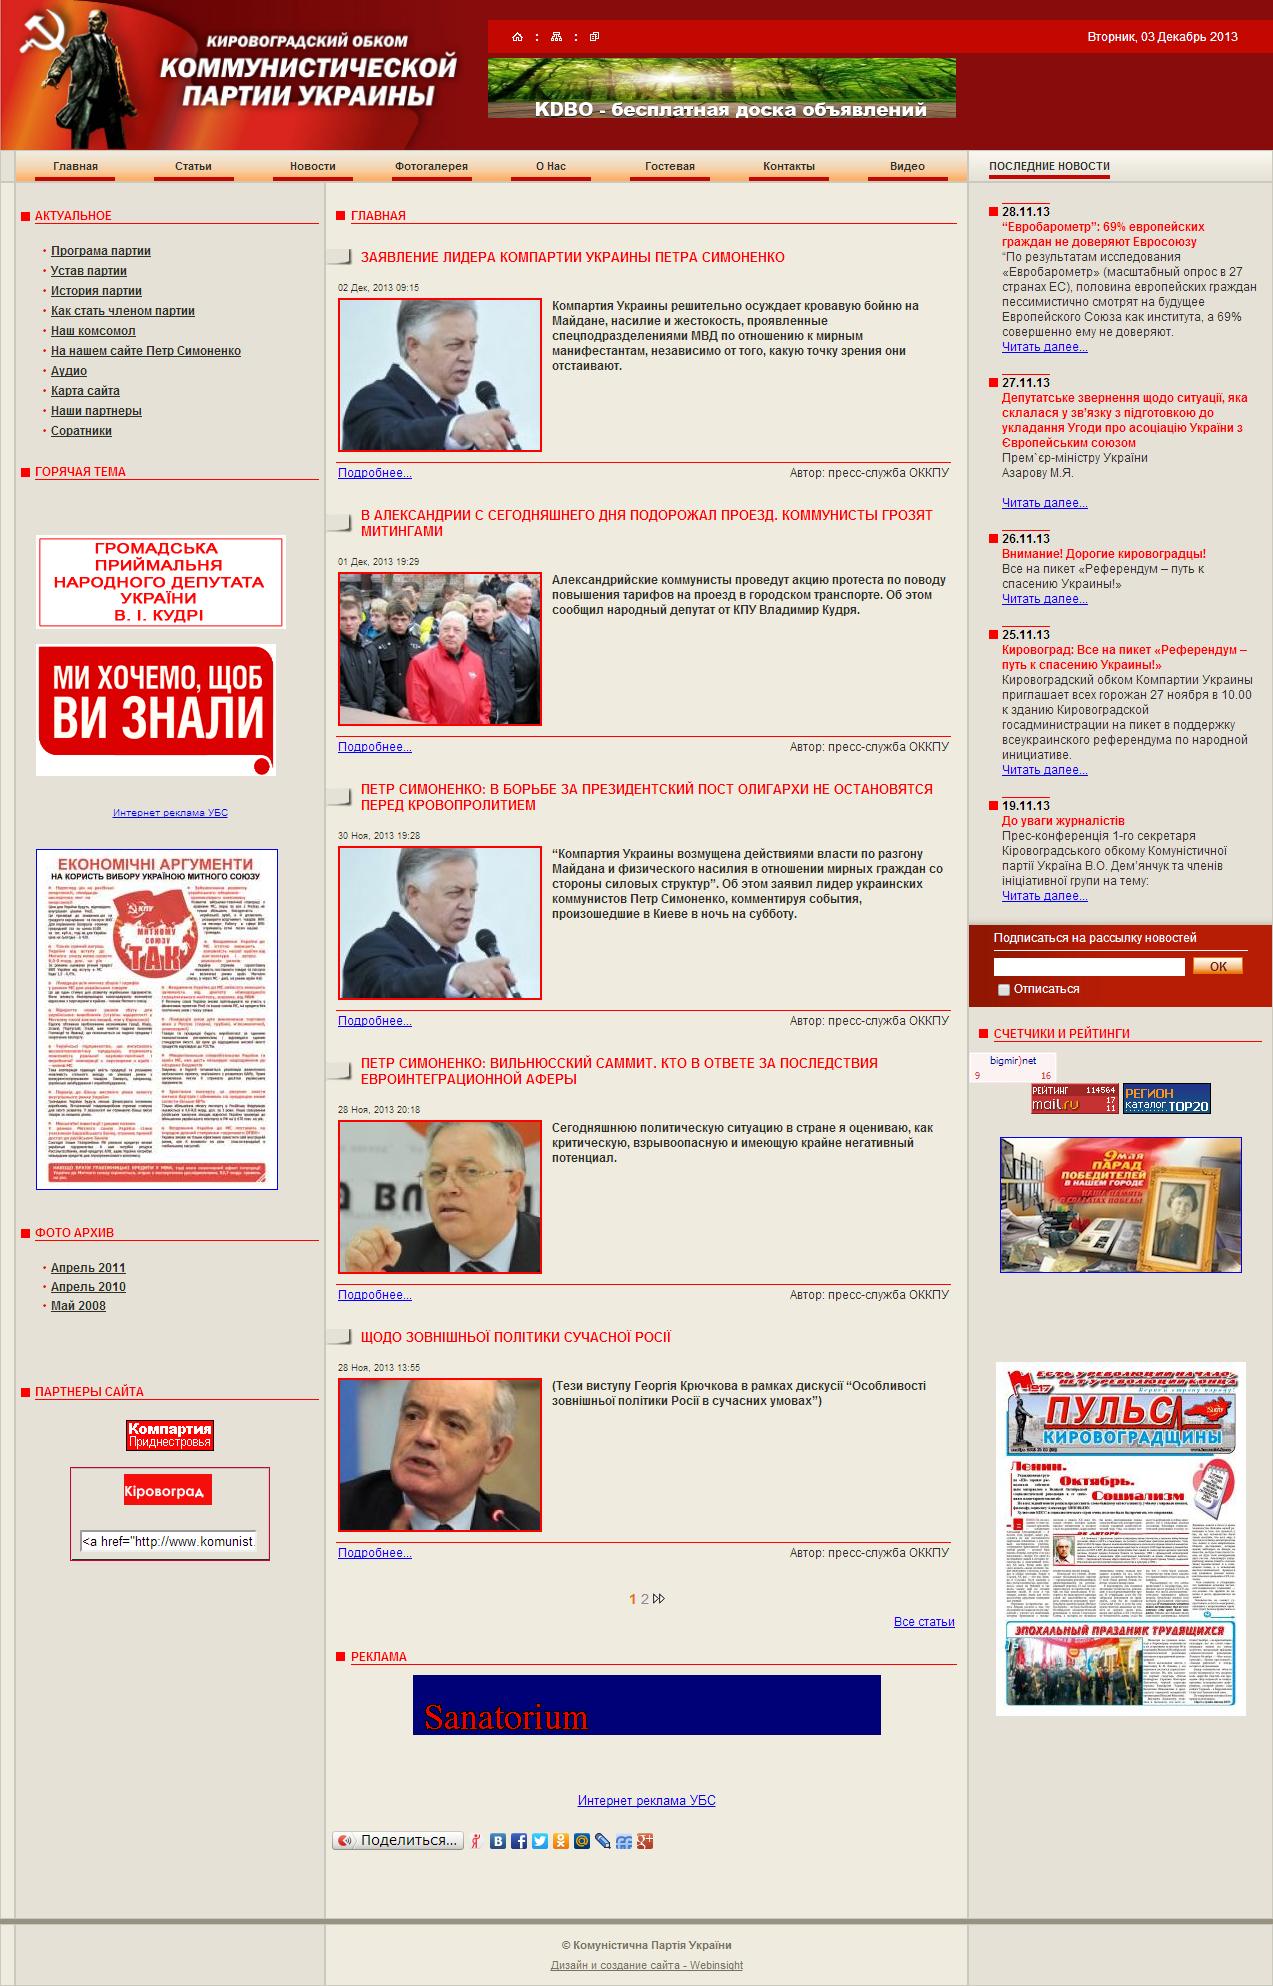 Кировоградский областной комитет Коммунистической партии Украины